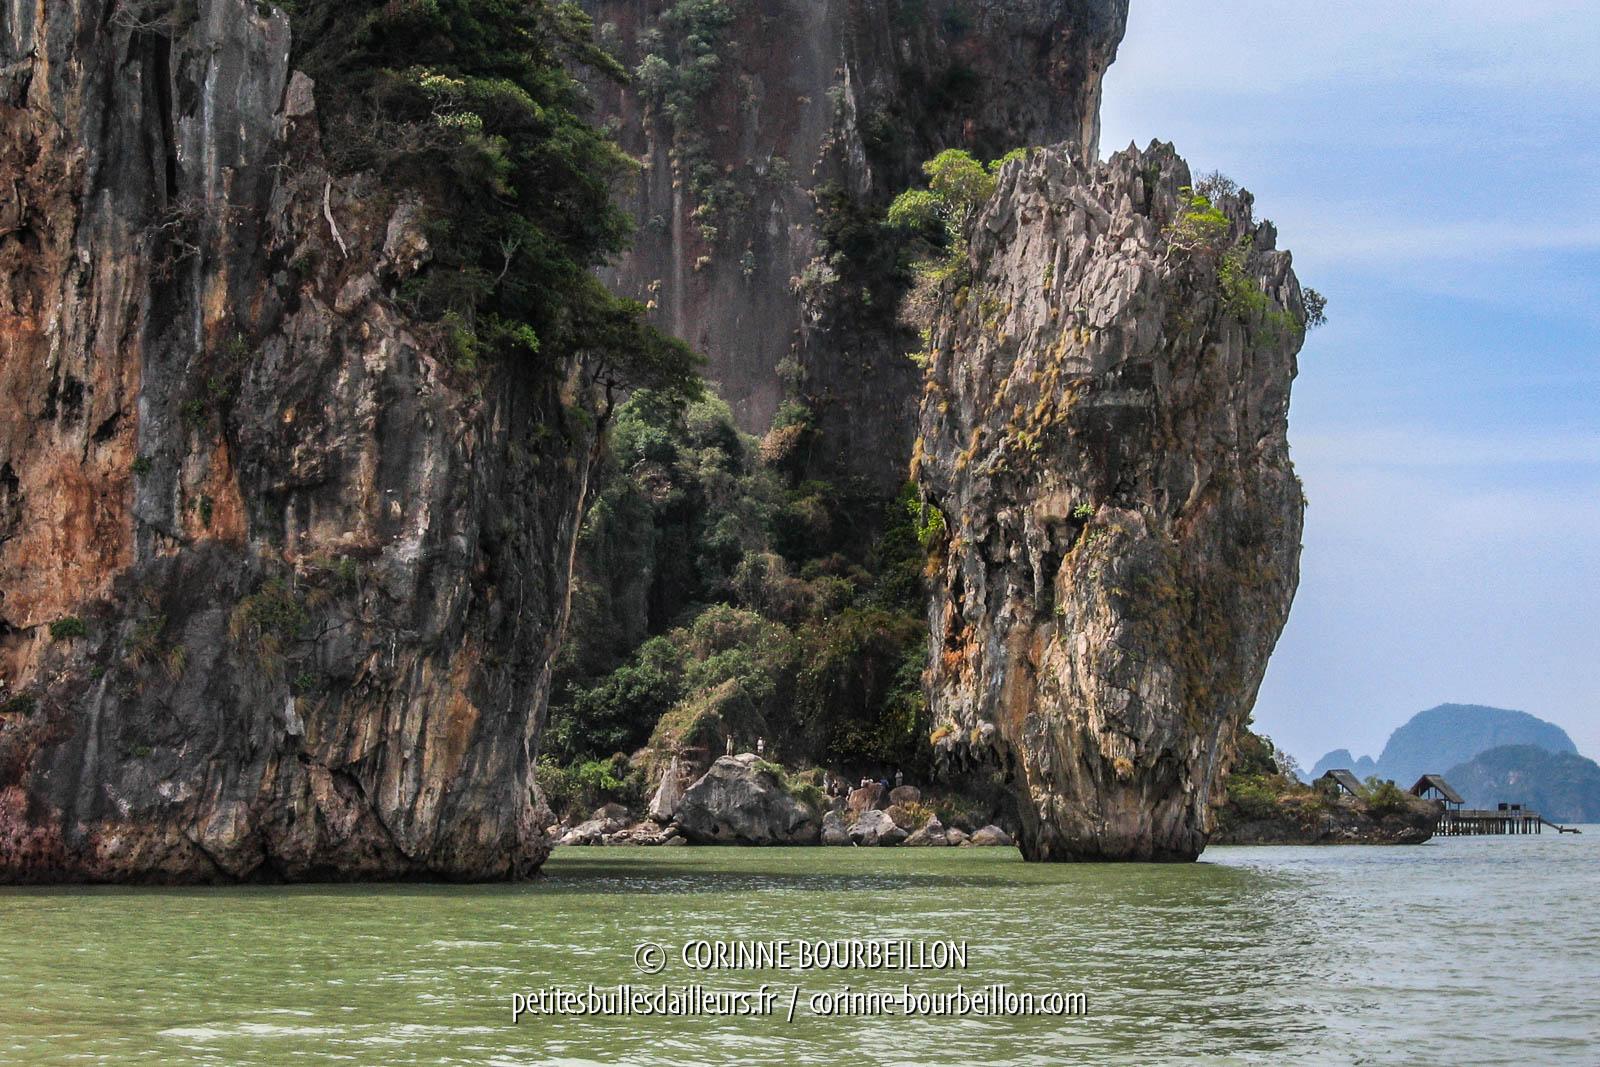 Le fameux rocher de James Bond Island, vu du large. Thaïlande, février 2009.